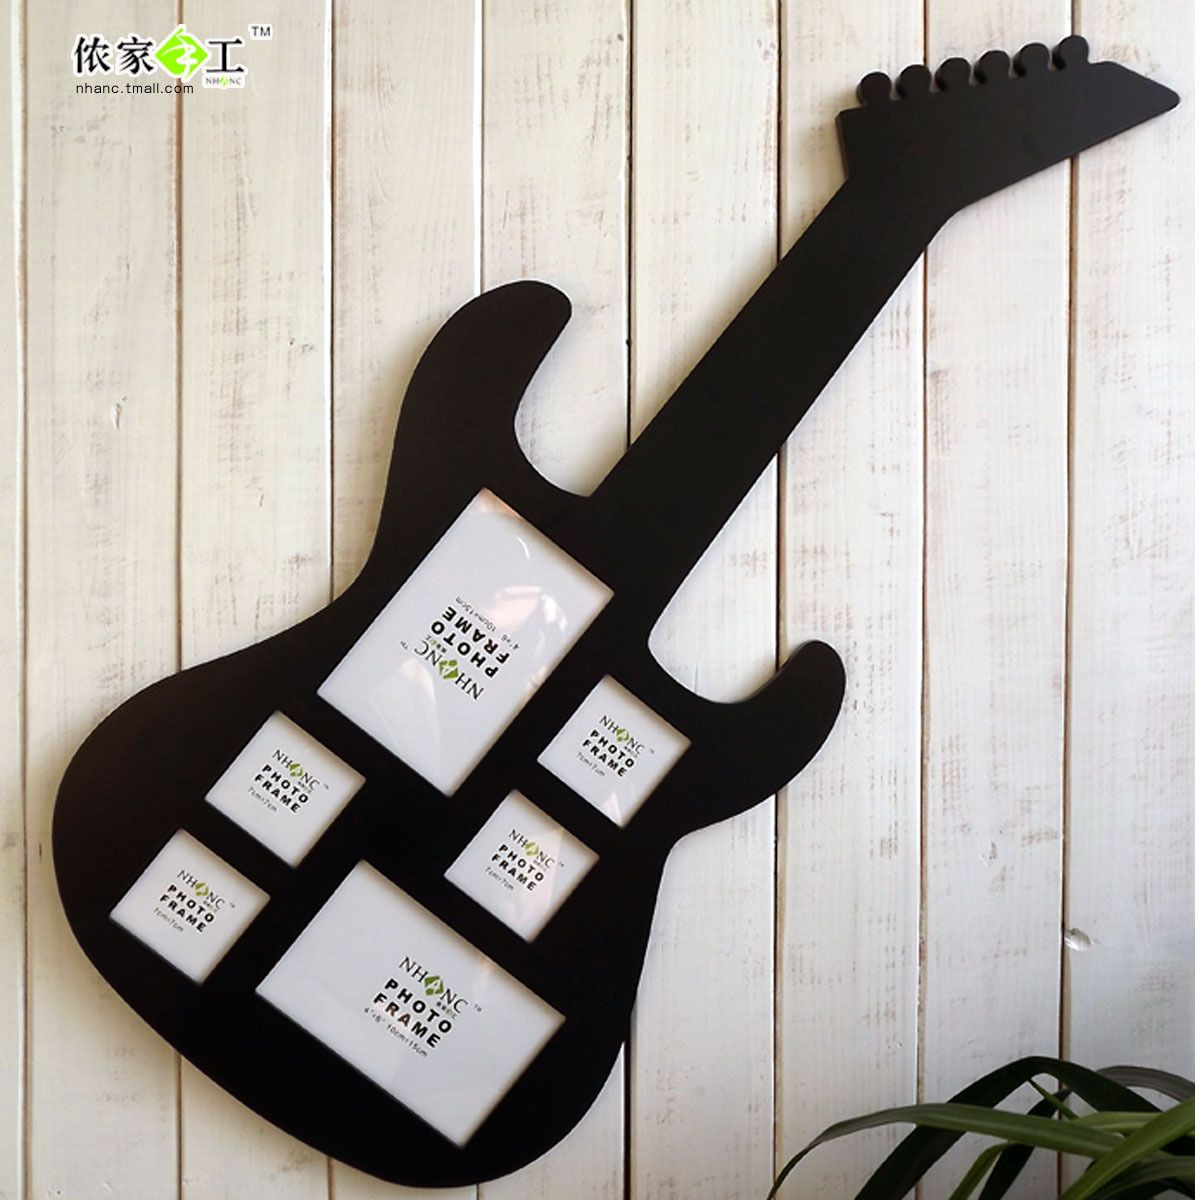 Marco de fotos madera con forma de guitarra - Marco de fotos multiple ...